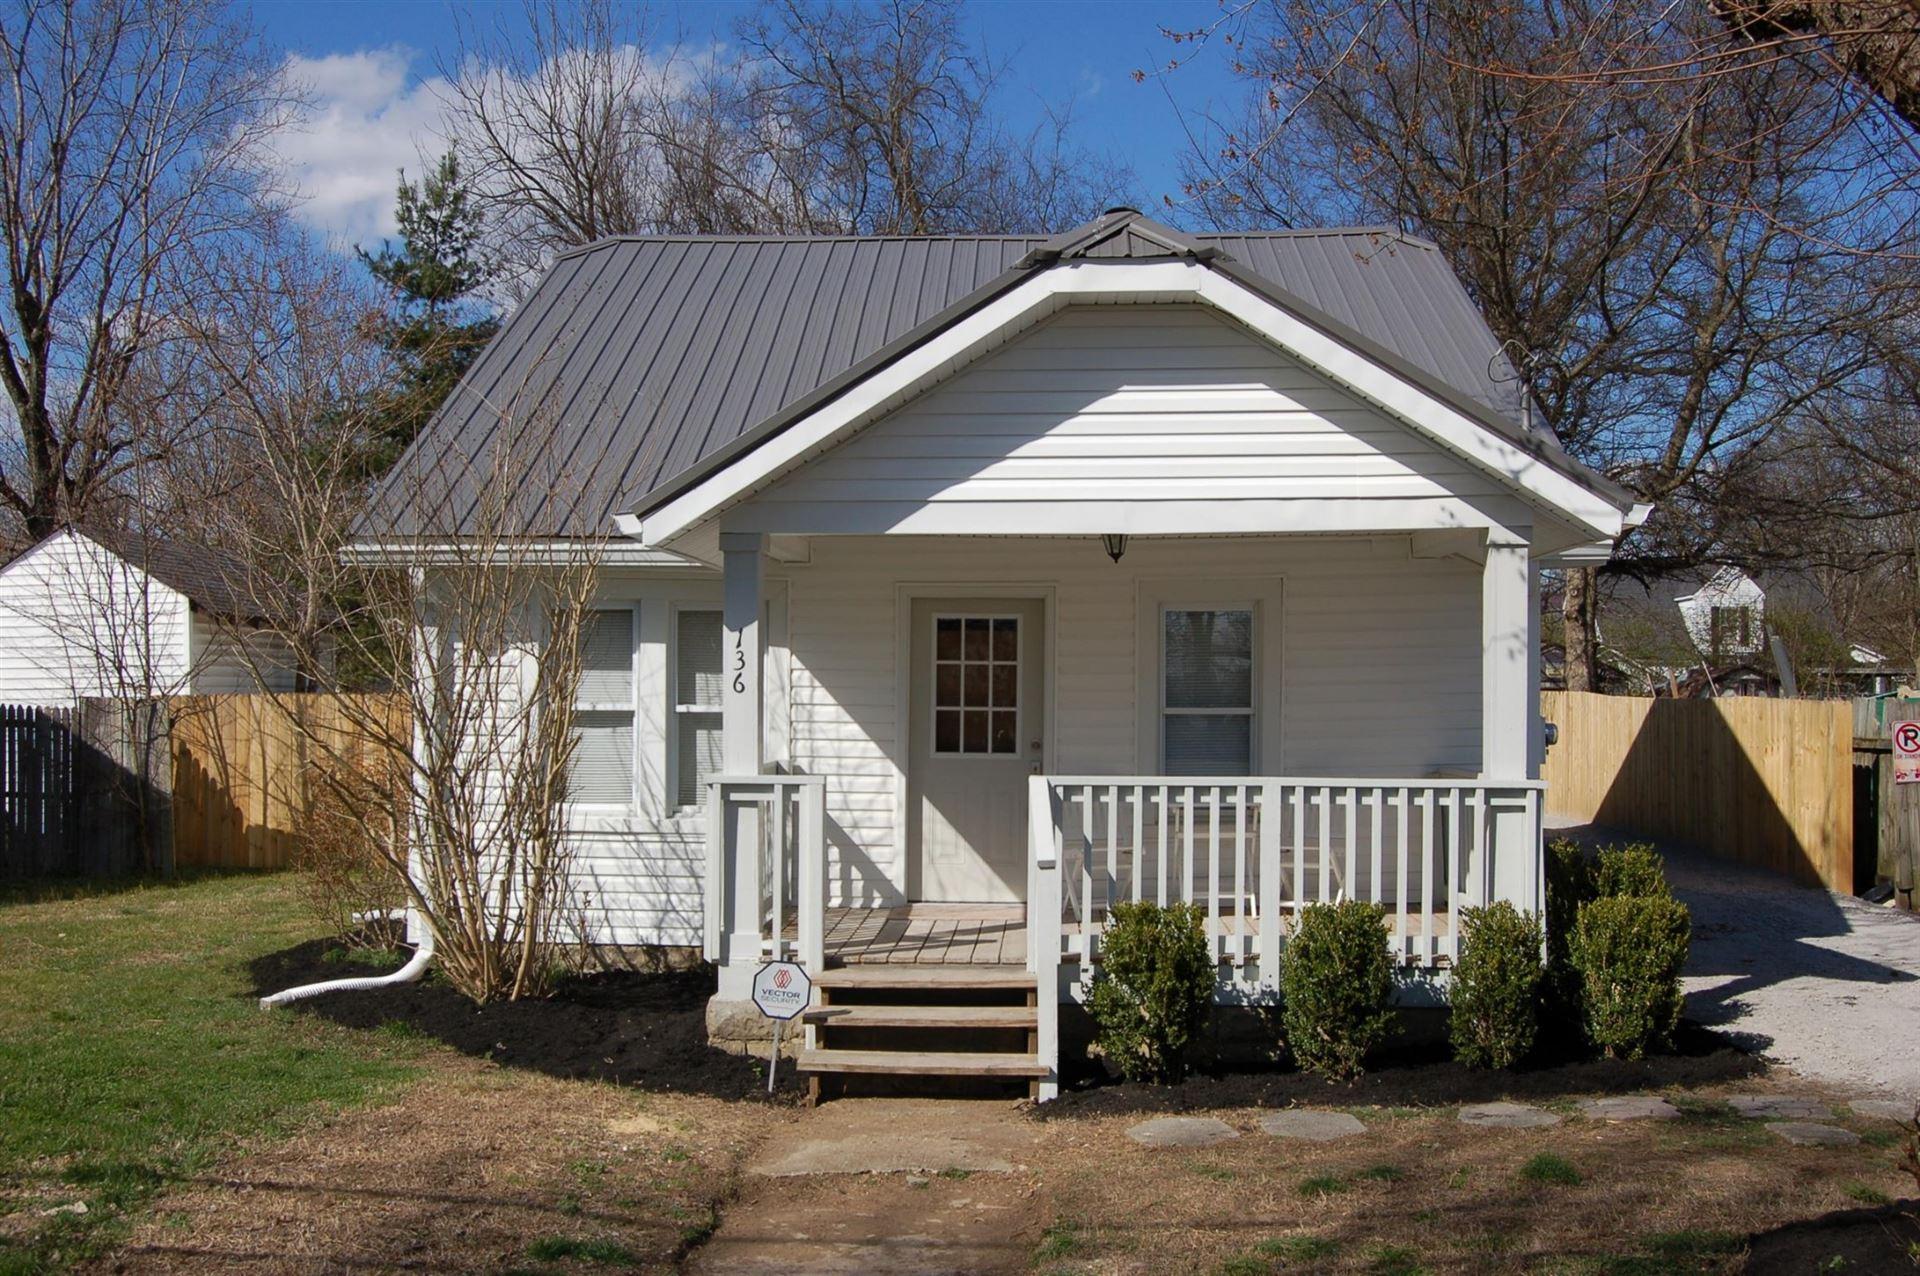 136 E Jackson St, Gallatin, TN 37066 - MLS#: 2173904